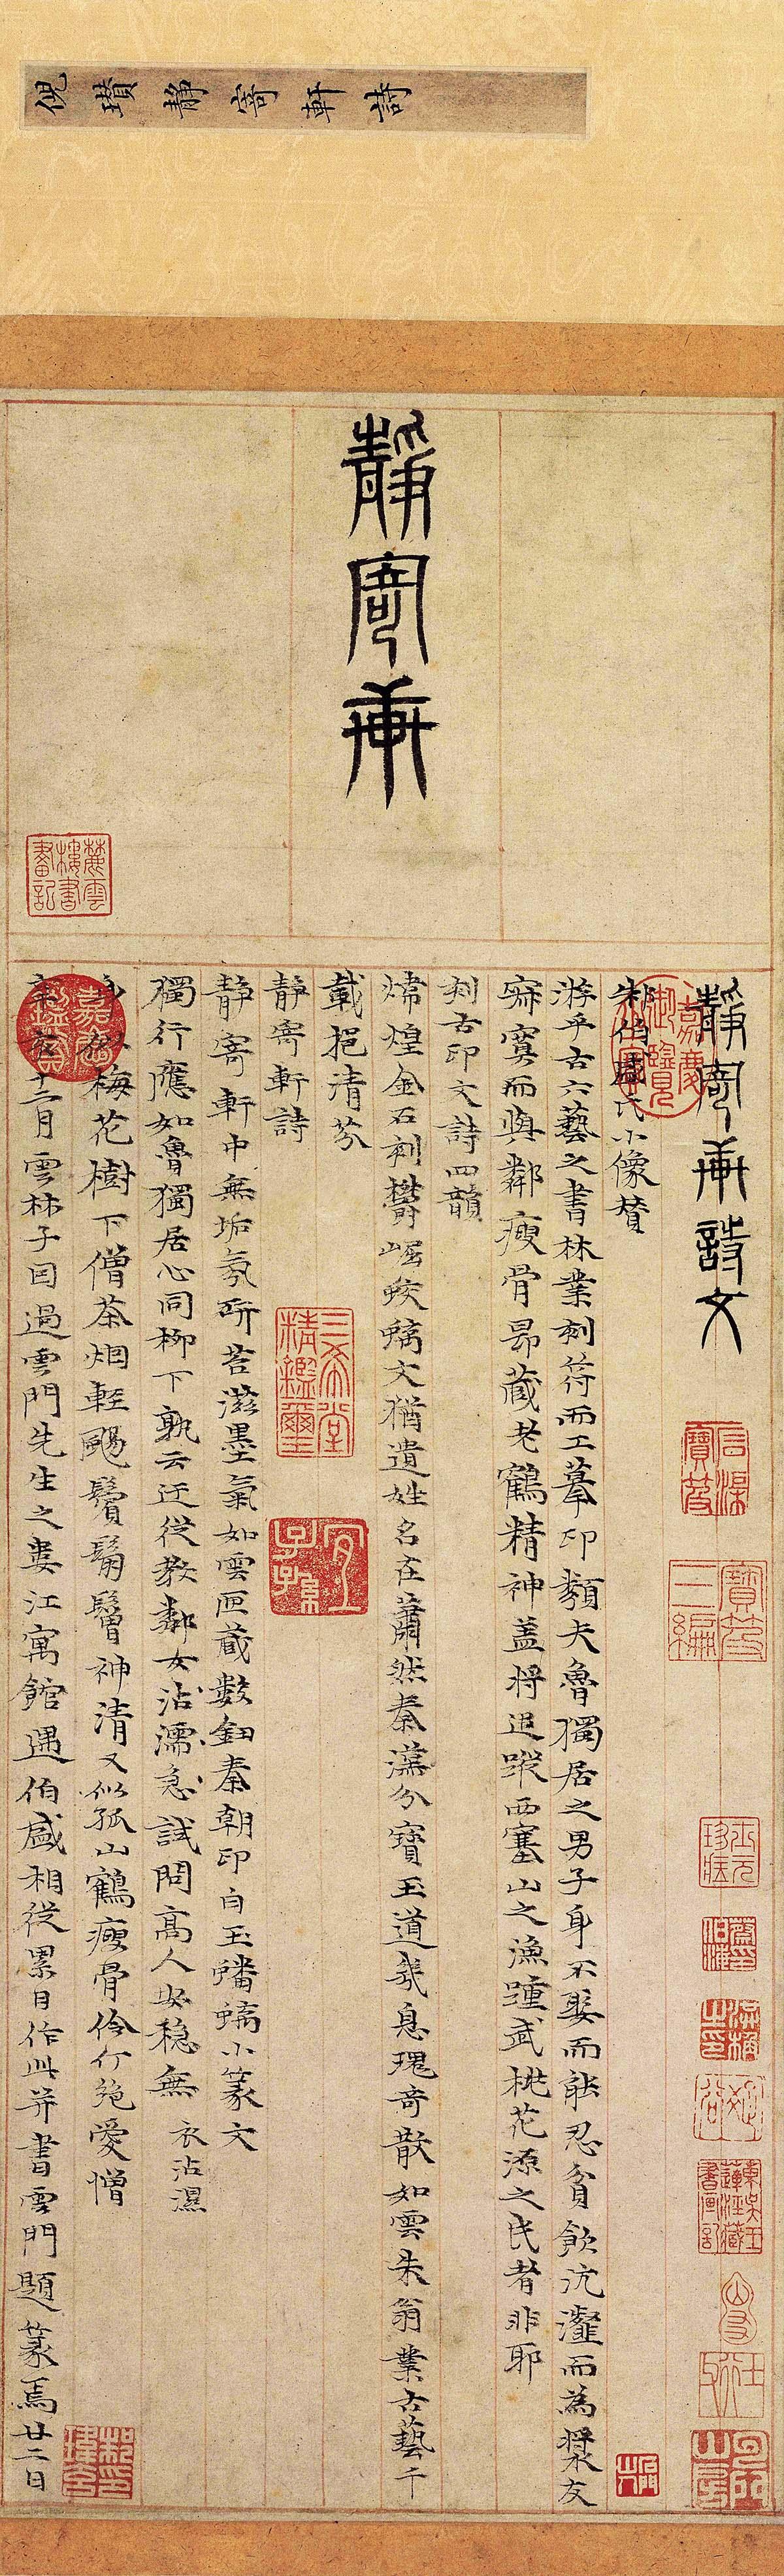 元 倪瓒 楷书静寄轩诗文轴 纸本 62.9x23.3